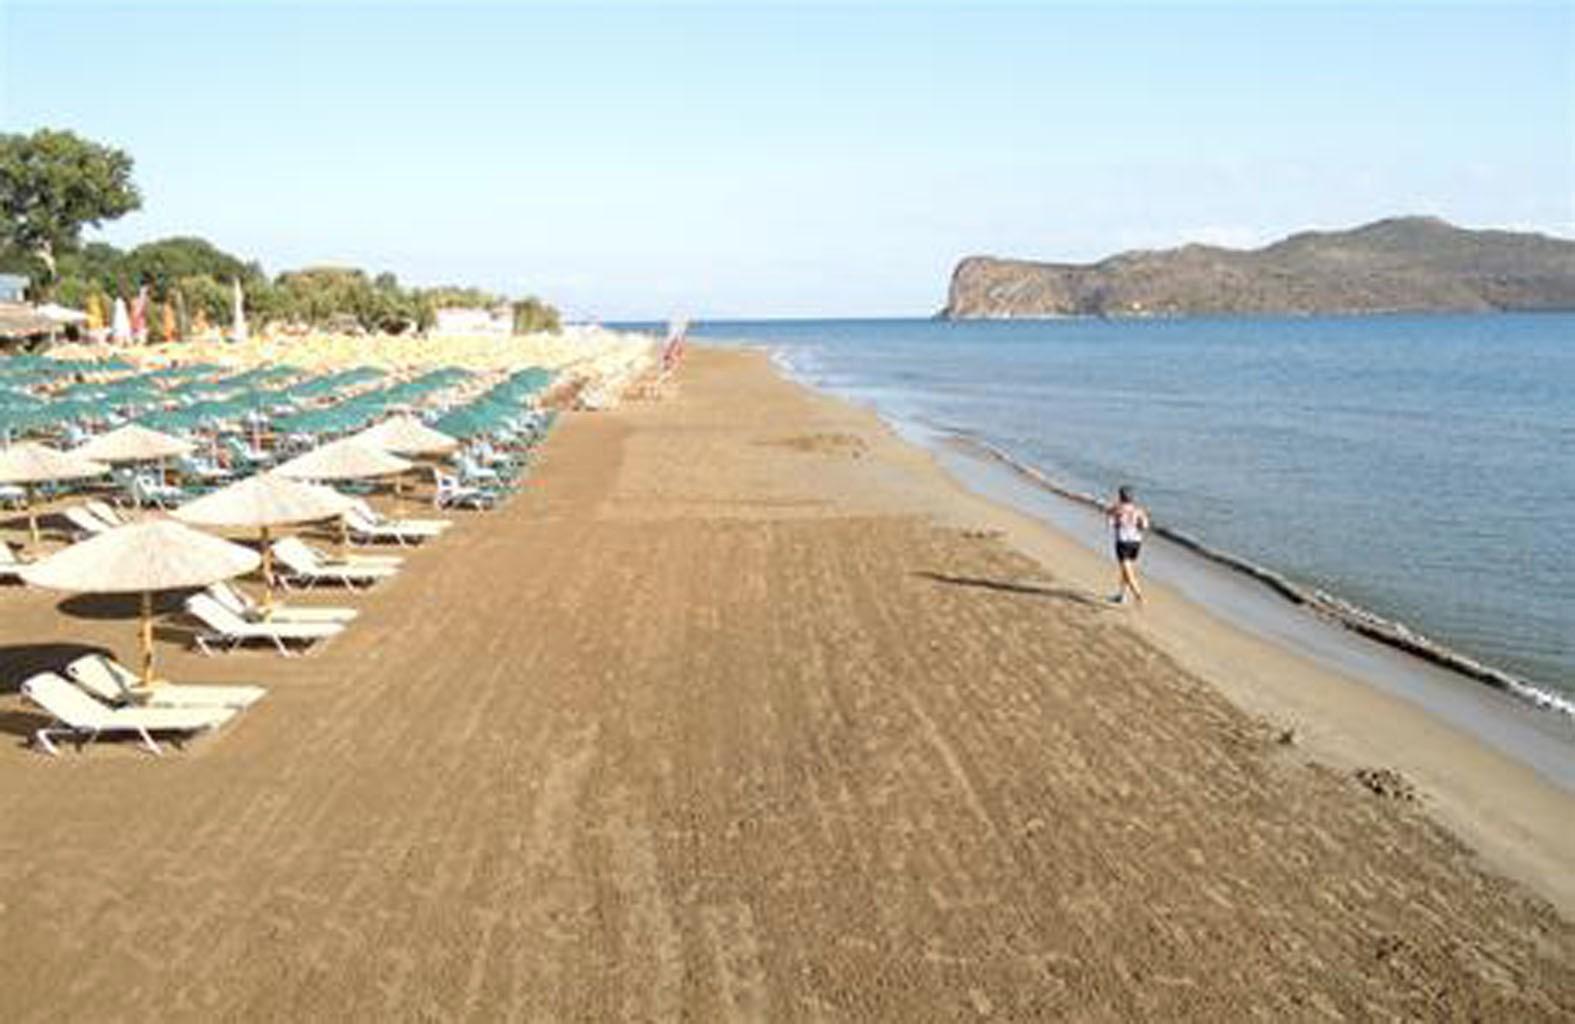 Агия марина фото пляжа